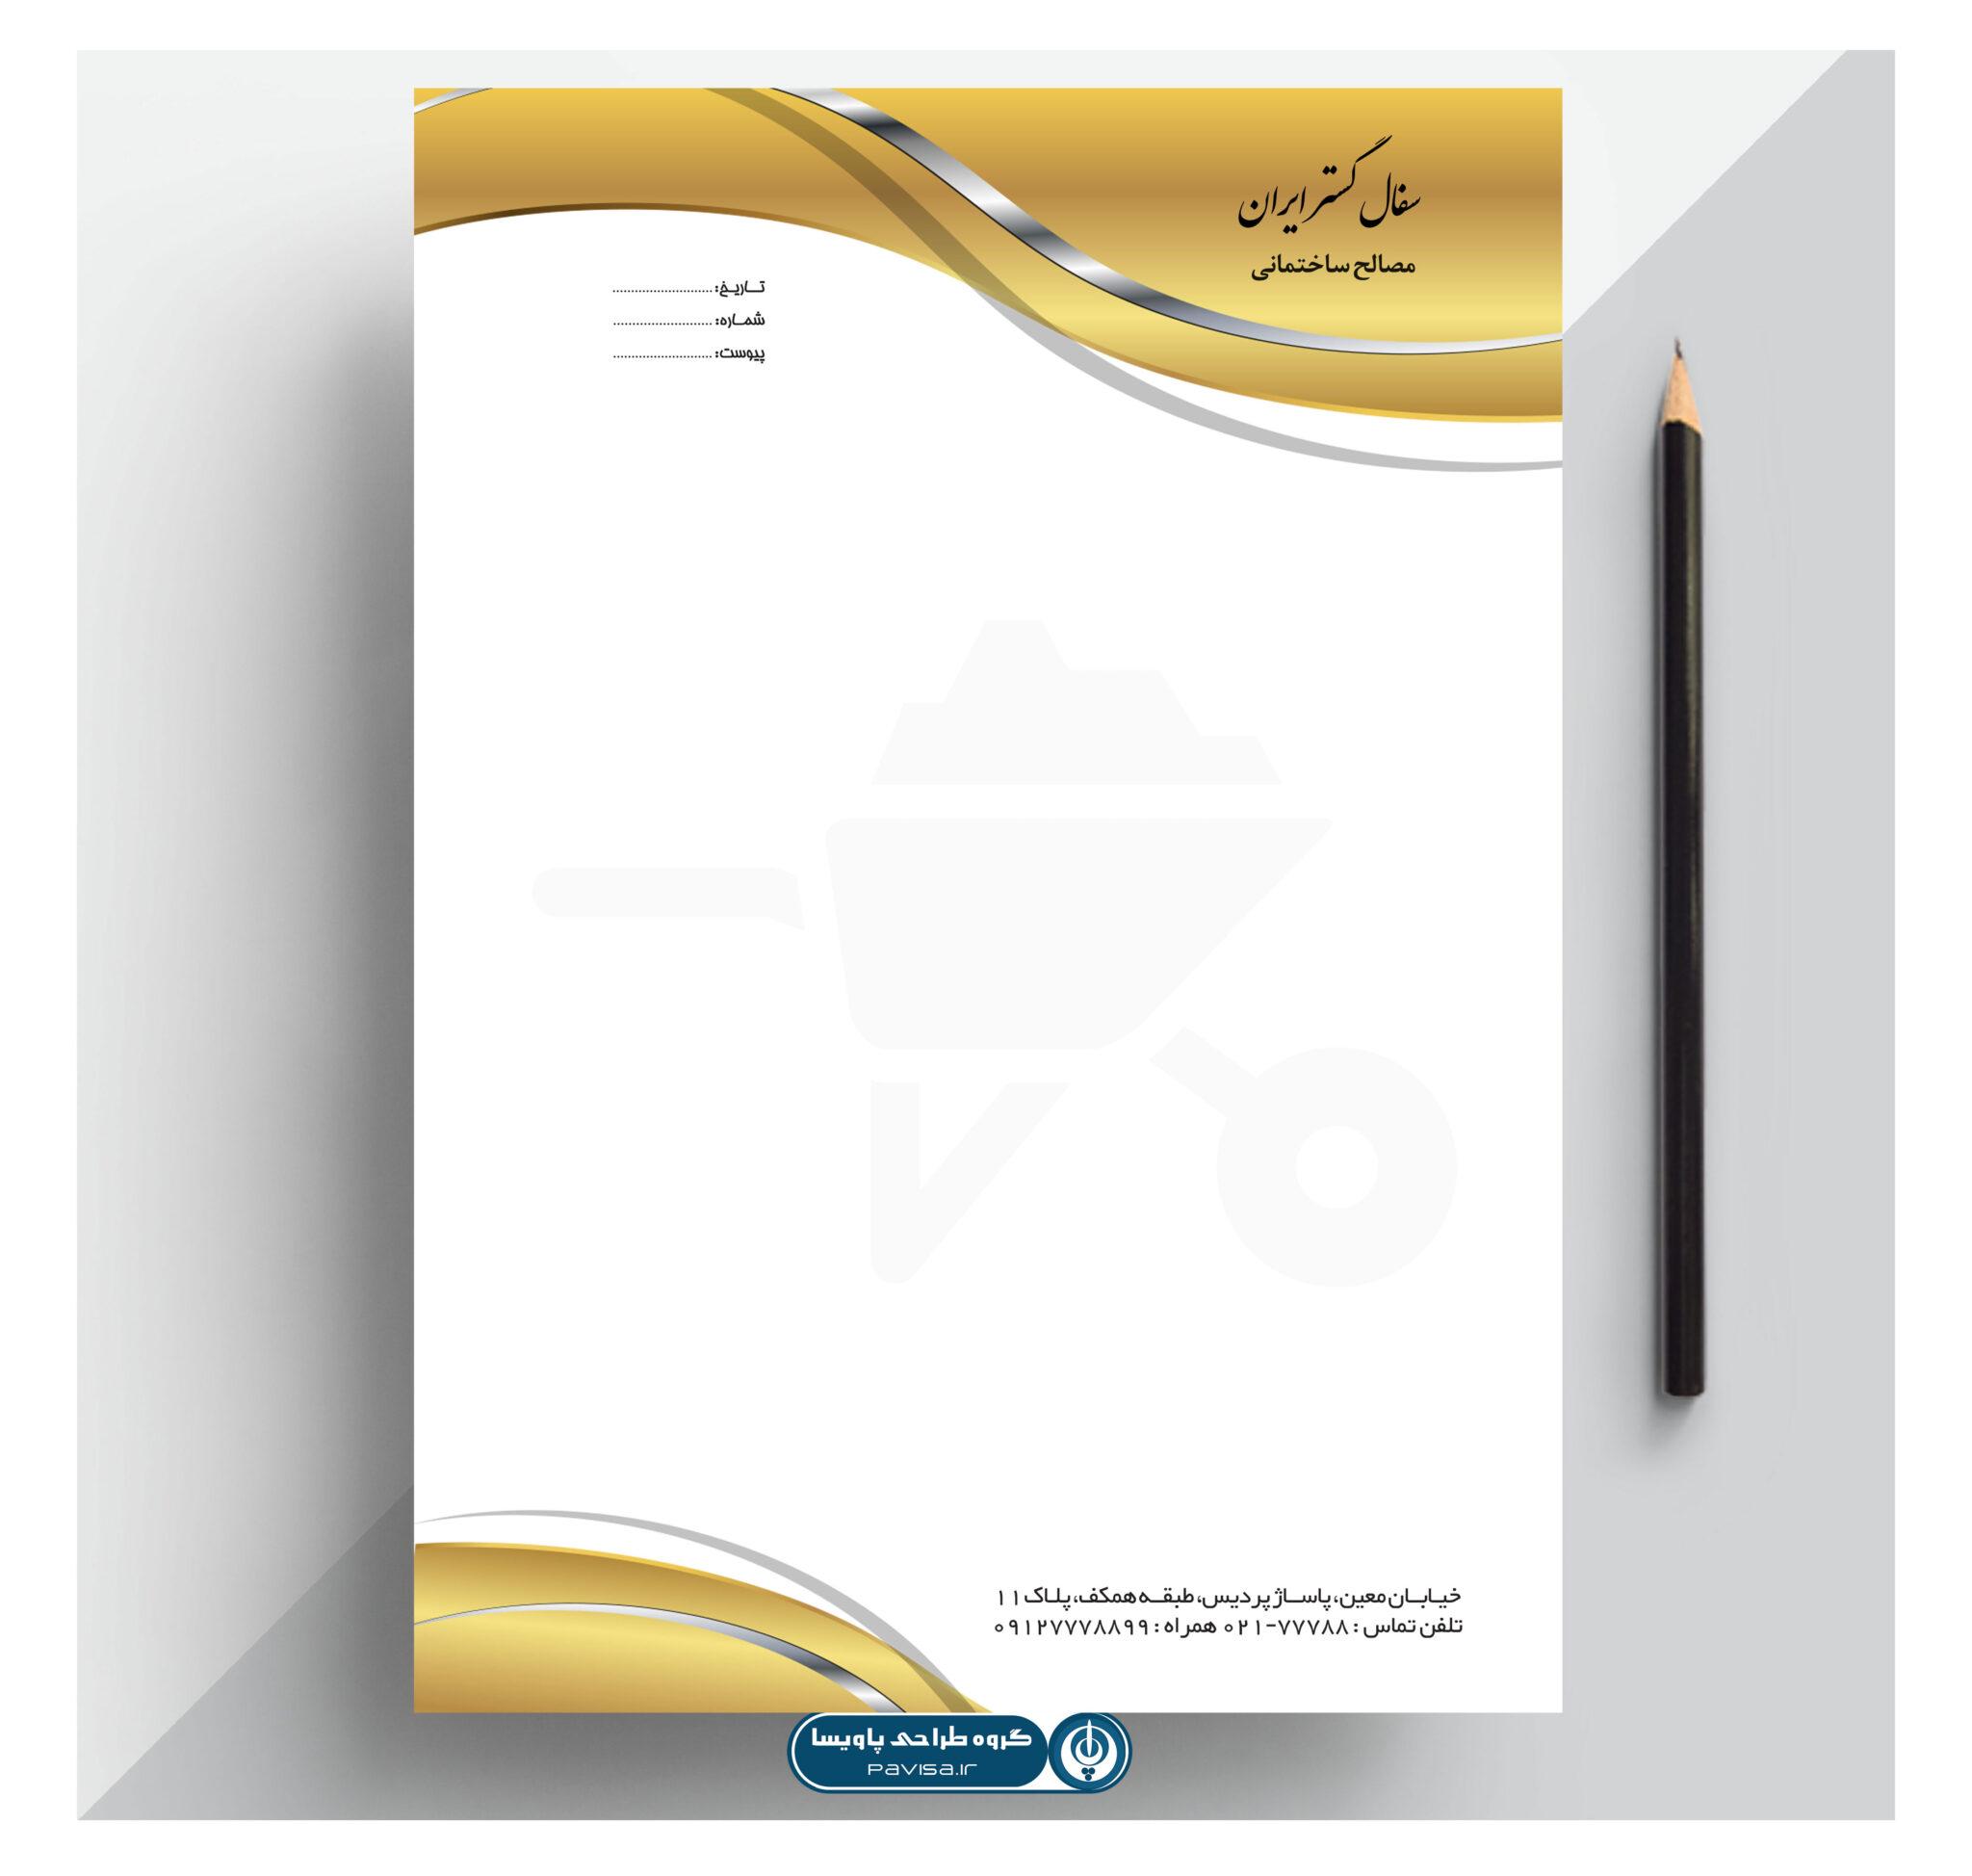 طرح سربرگ مصالح و خدمات ساختمان